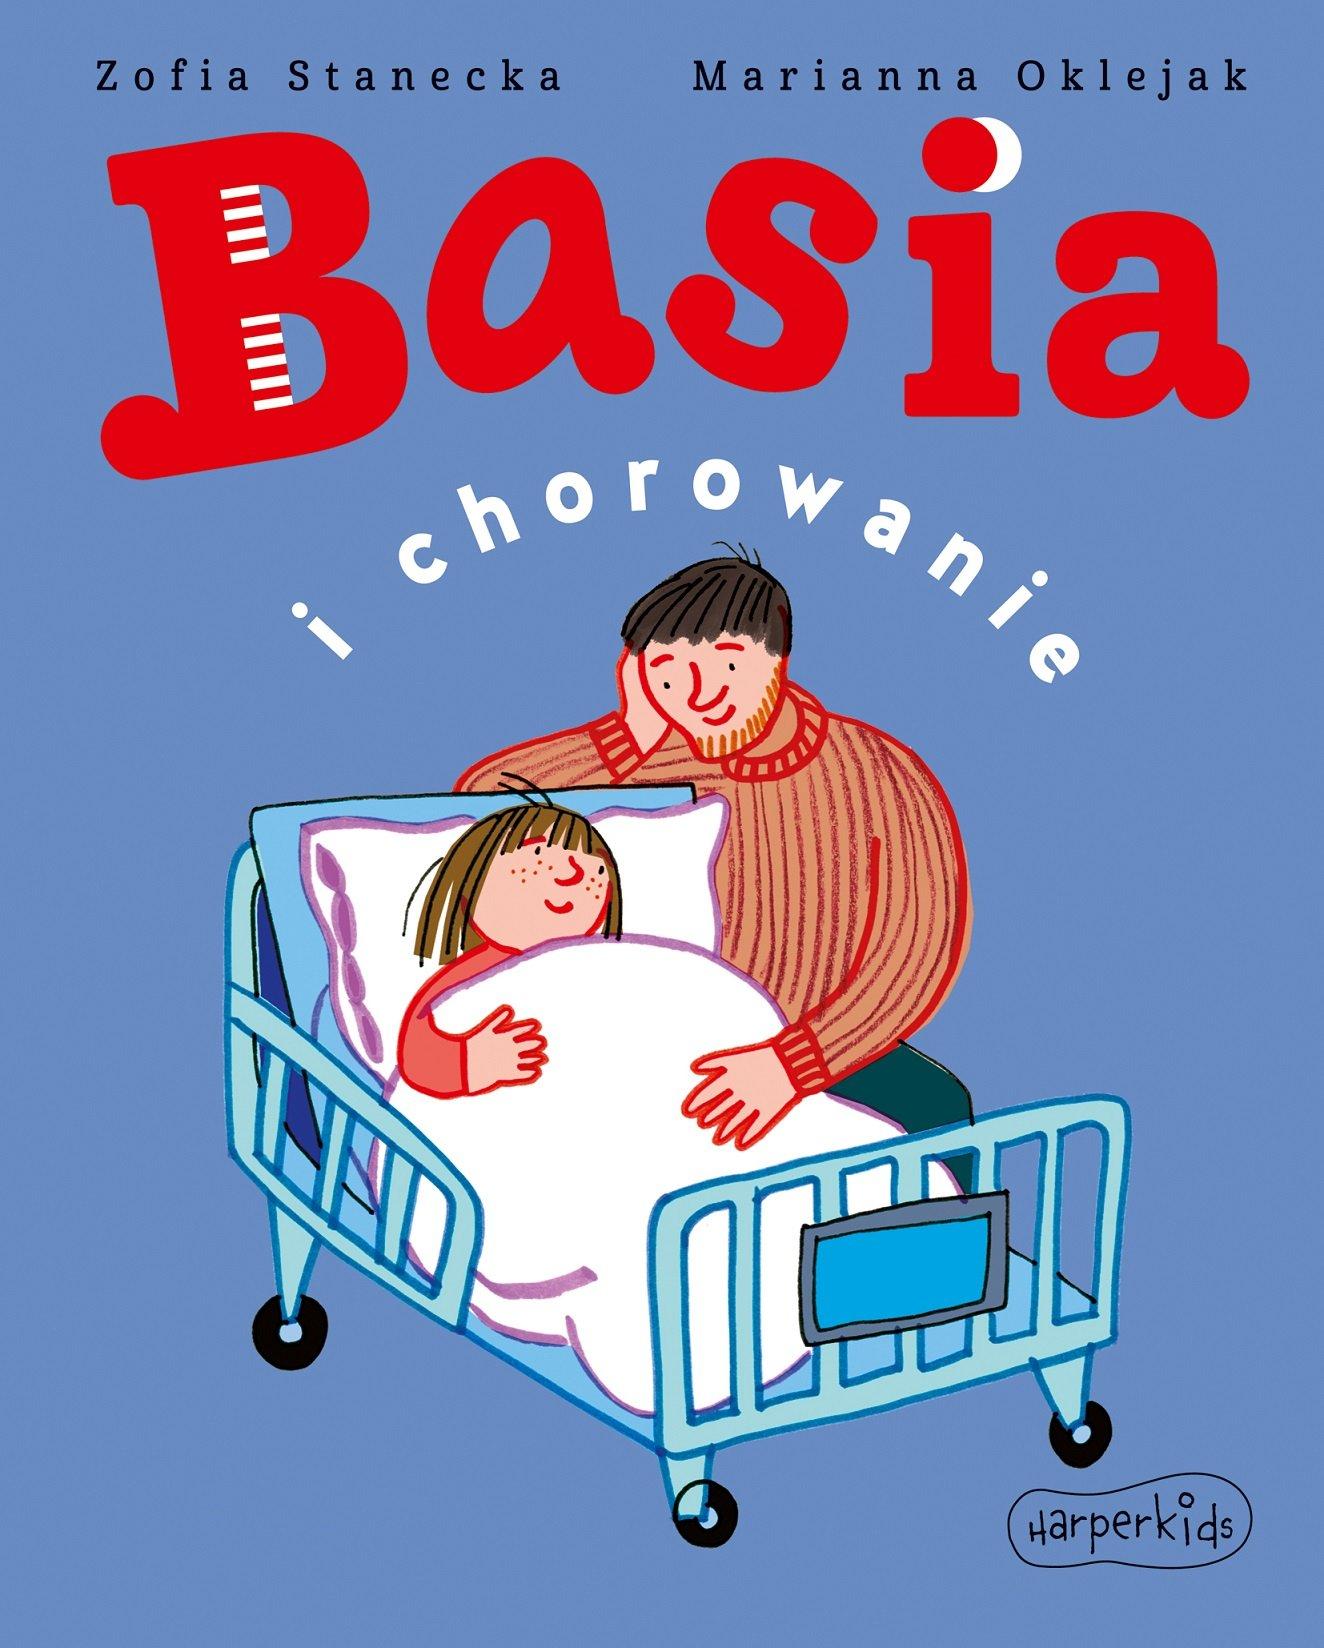 Basia i chorowanie - książka dla najmłodszych